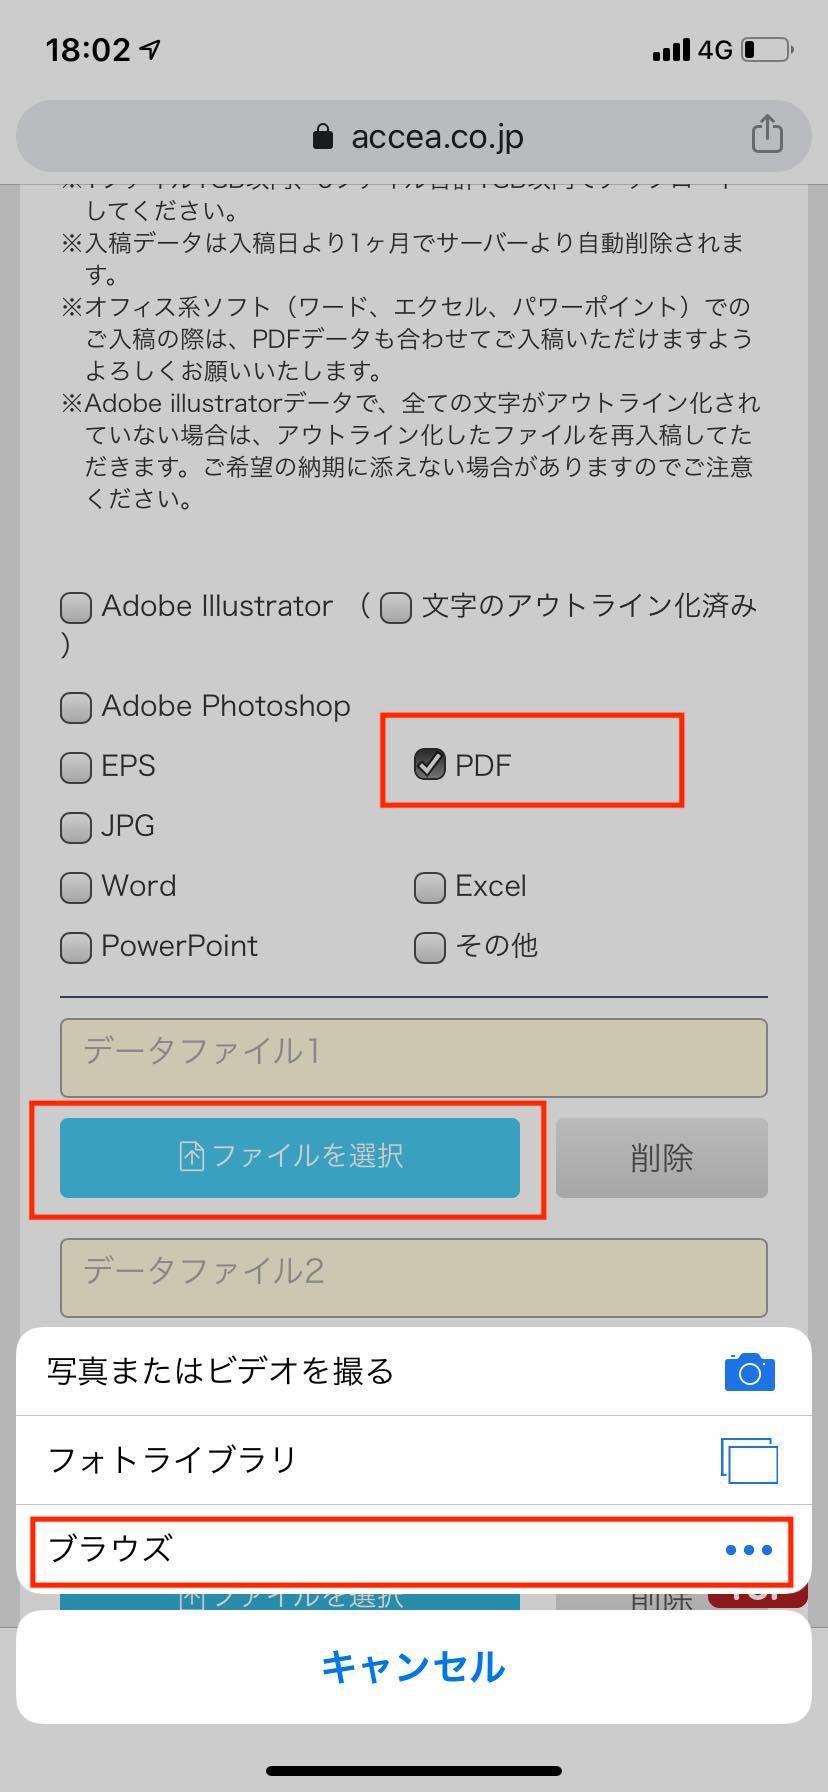 ファイル選択で「ブラウズ」をタップします。